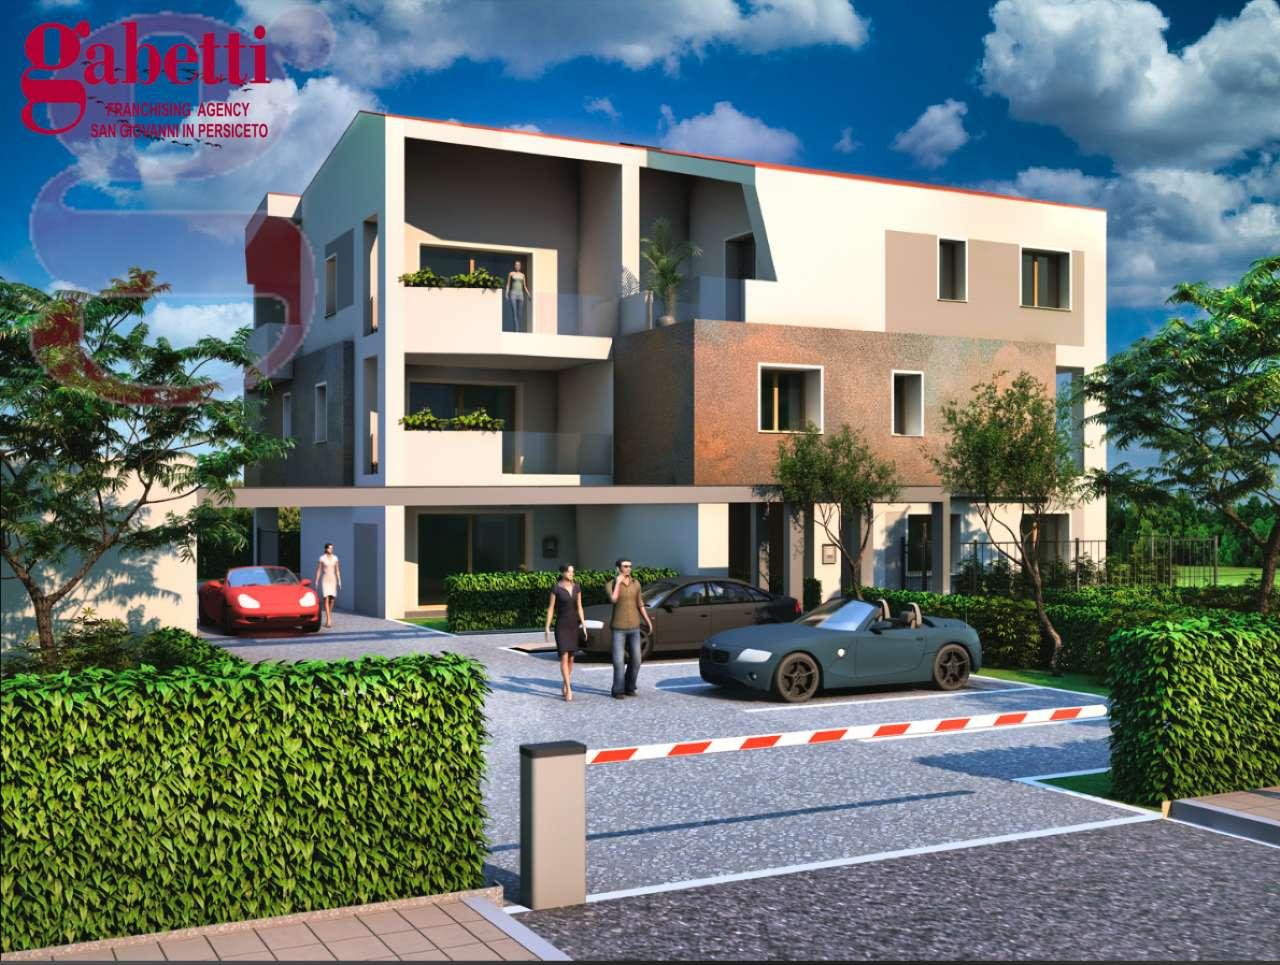 Appartamento in vendita a San Giovanni in Persiceto, 5 locali, prezzo € 326.000 | PortaleAgenzieImmobiliari.it